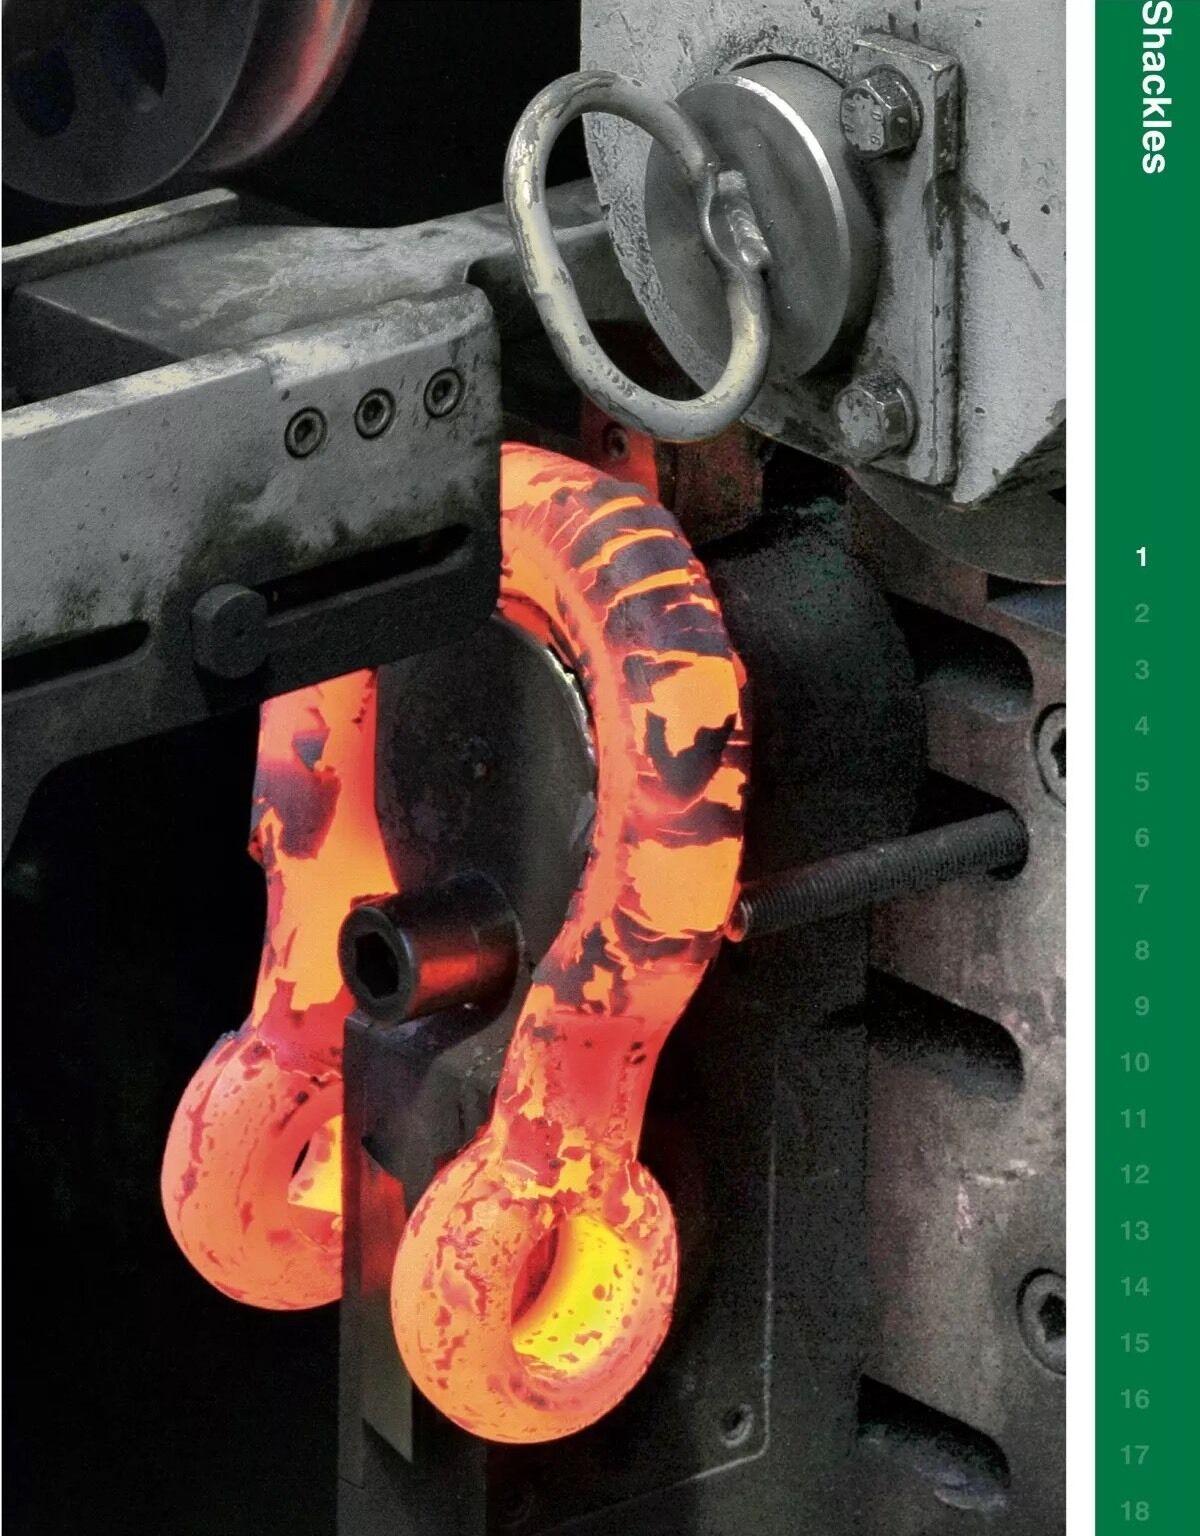 Van Beest 7//8 Screw Pin Shackle 85,800 lb